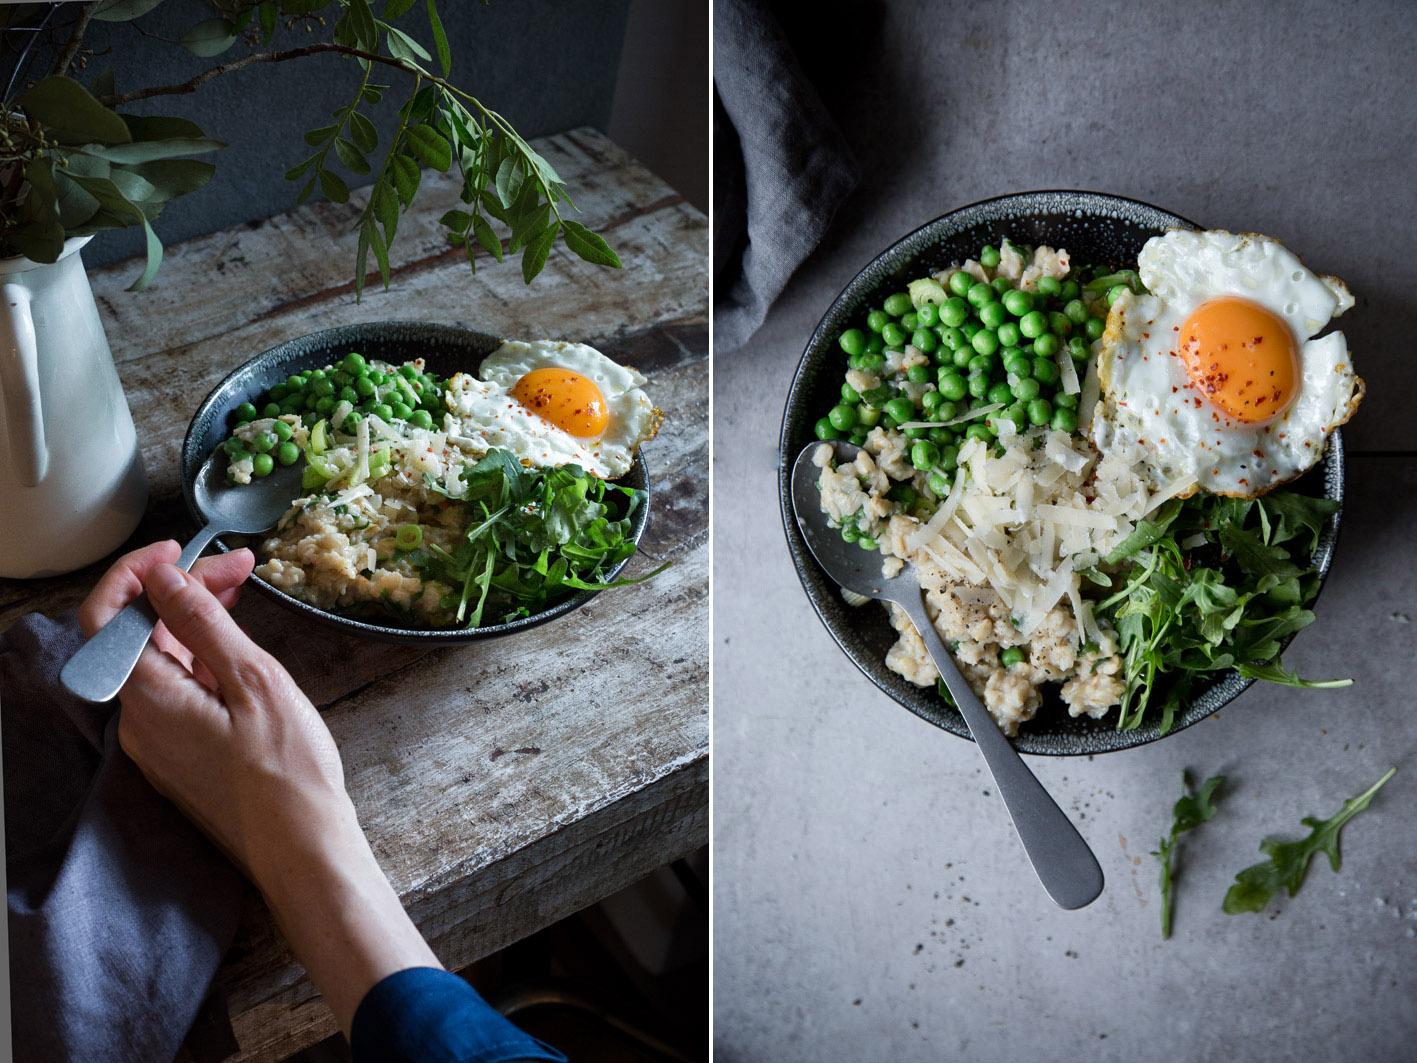 Rezept für herzhaftes Oatmeal